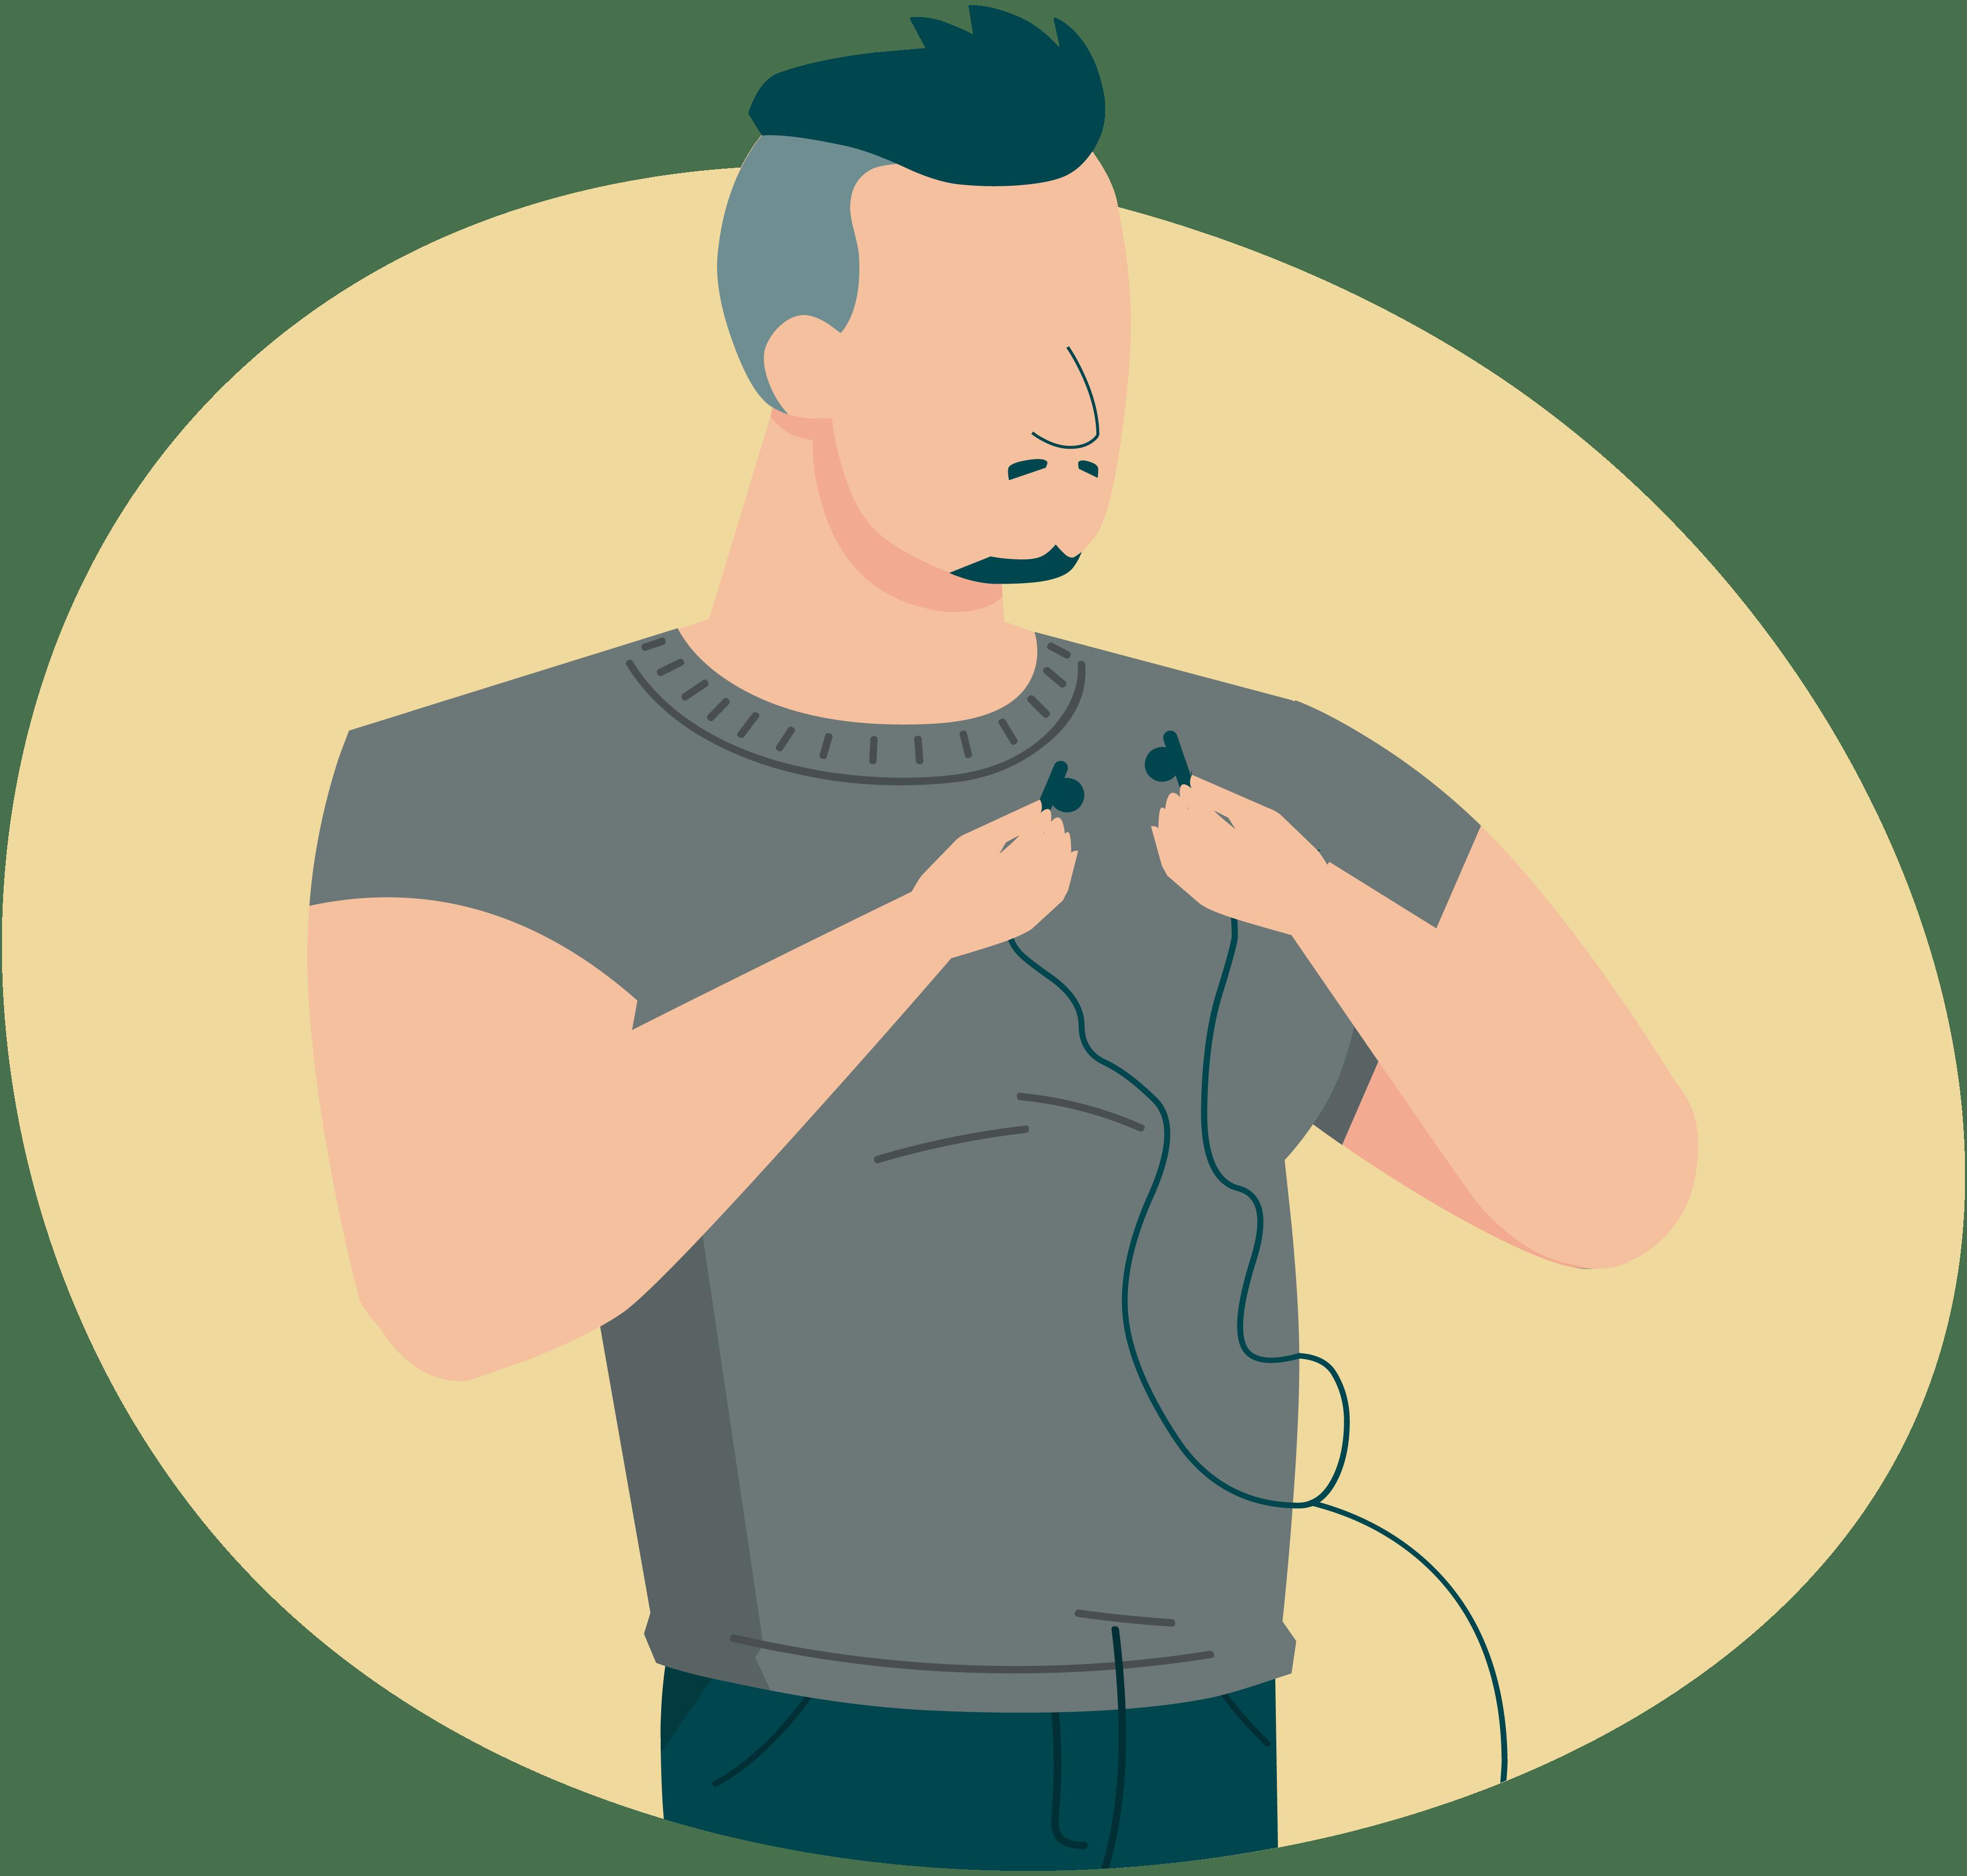 Ilustración de u hombre con unos audífonos aprendiendo